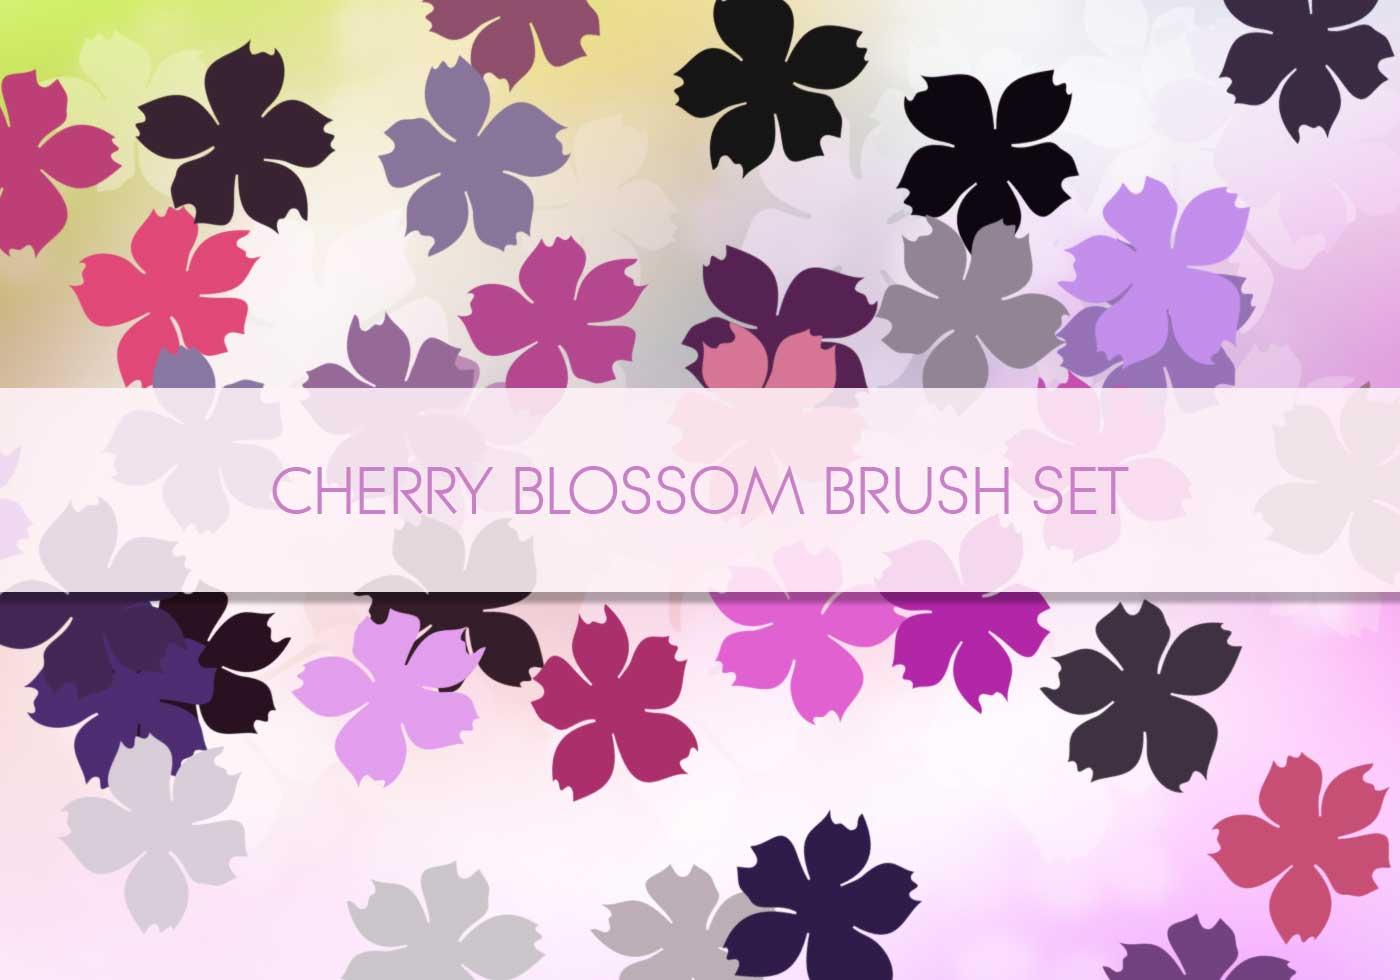 Cherry Blossom 1 Free Photoshop Brushes At Brusheezy